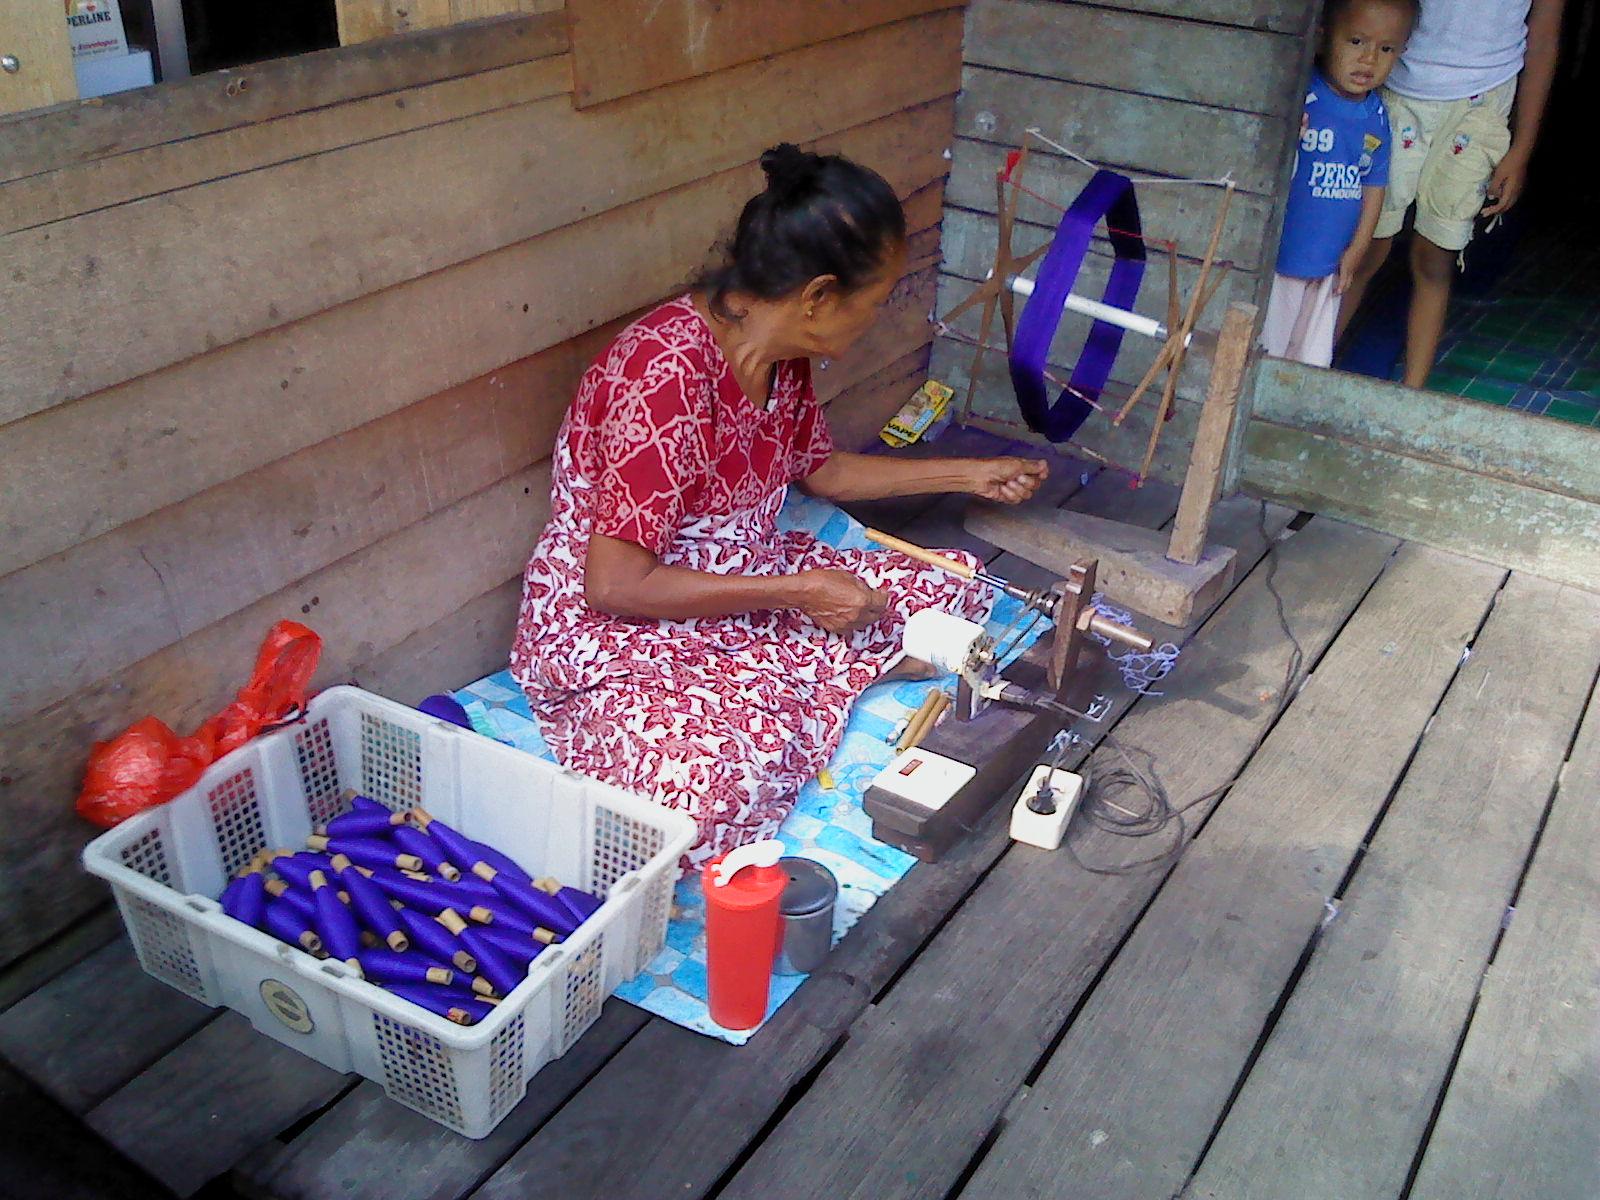 Sarung Samarinda Samarindaku Jenis Kain Tenunan Tradisional Khas Kota Kalimantan